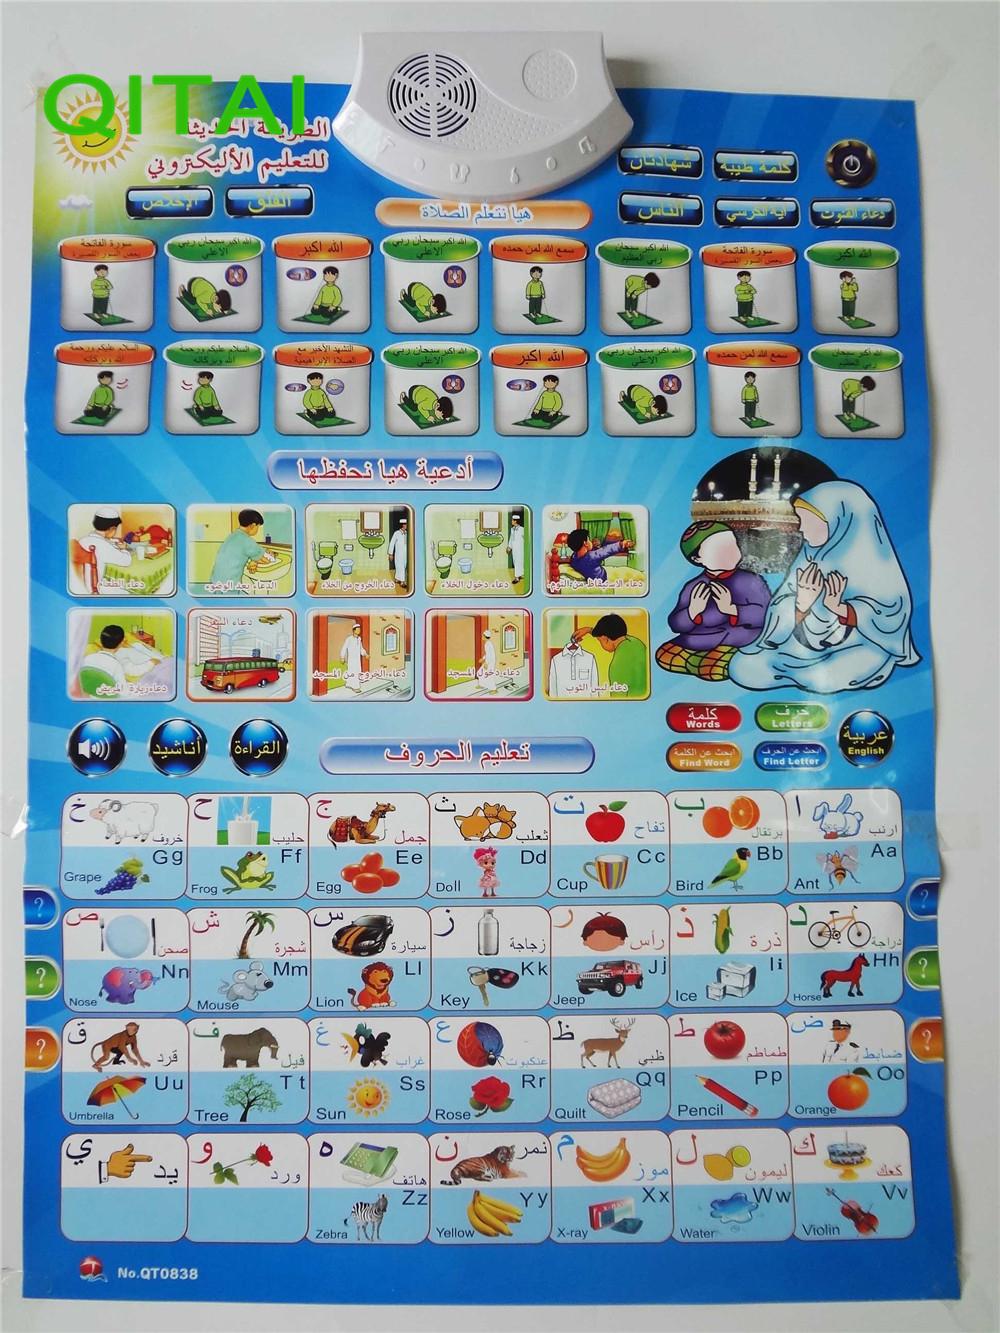 [해외]아랍어 & amp; 영어 Phonic 벽 교수형 차트 무슬림 이야기 포스터 어린이를선물 선물 학습 교육 코란 장난감/Arabic & English language Phonic Wall Hanging Chart Muslim talking poster